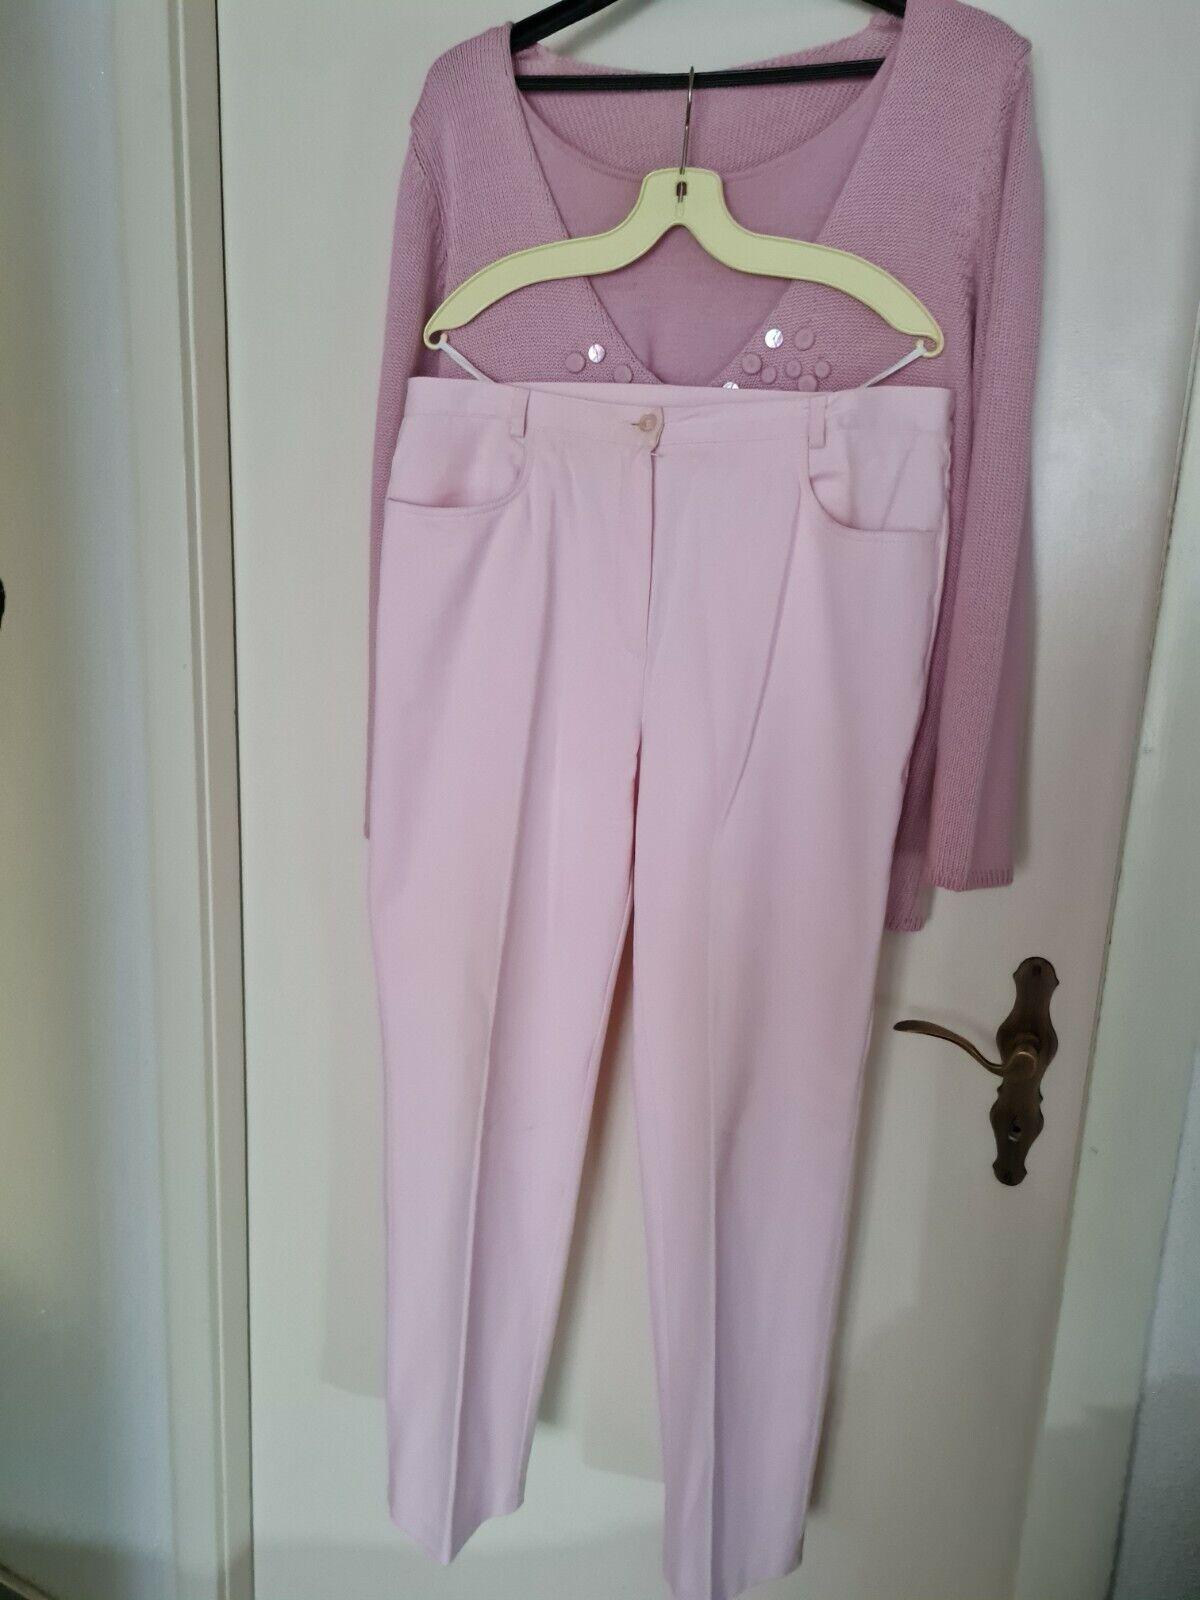 2 Teile Set - Pullover + Hose Gr 46 neuwertig und wunderschön Damen Bekleidung